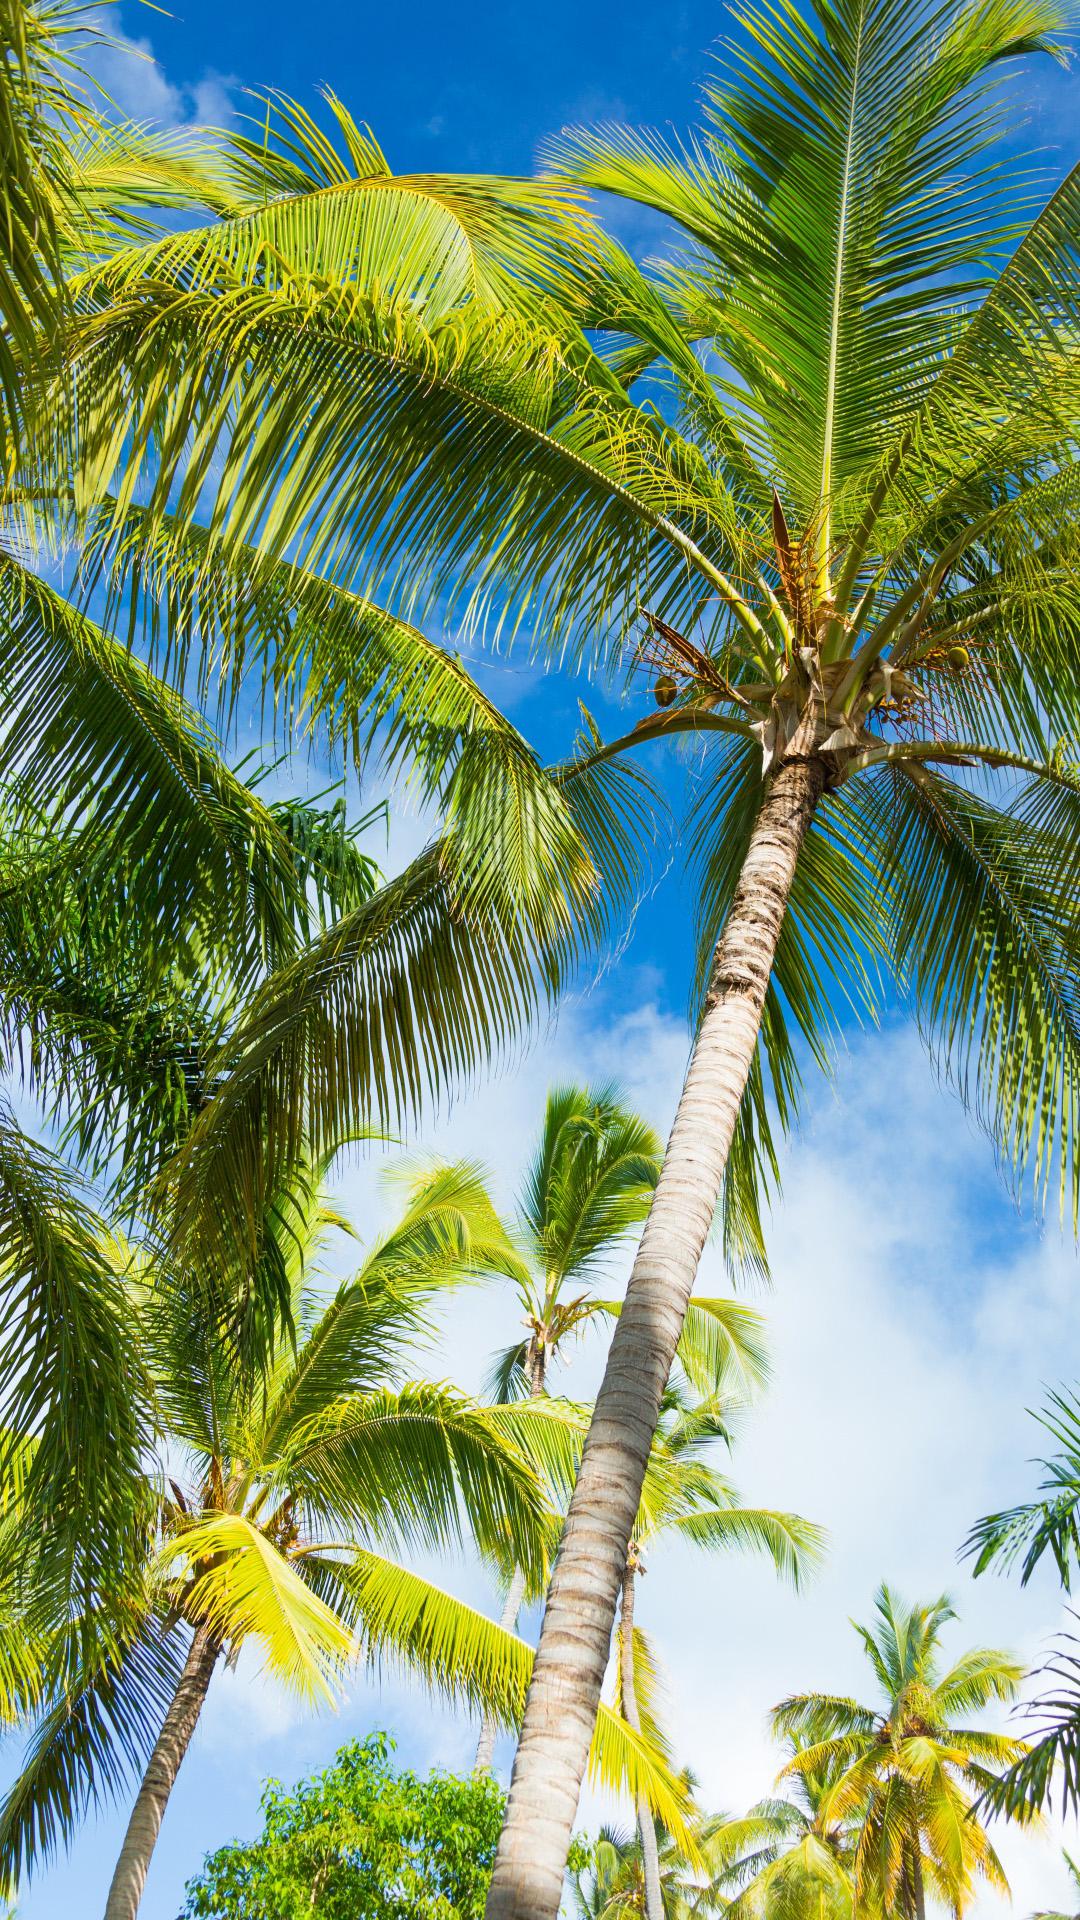 夏日椰子树风景高清图片手机壁纸